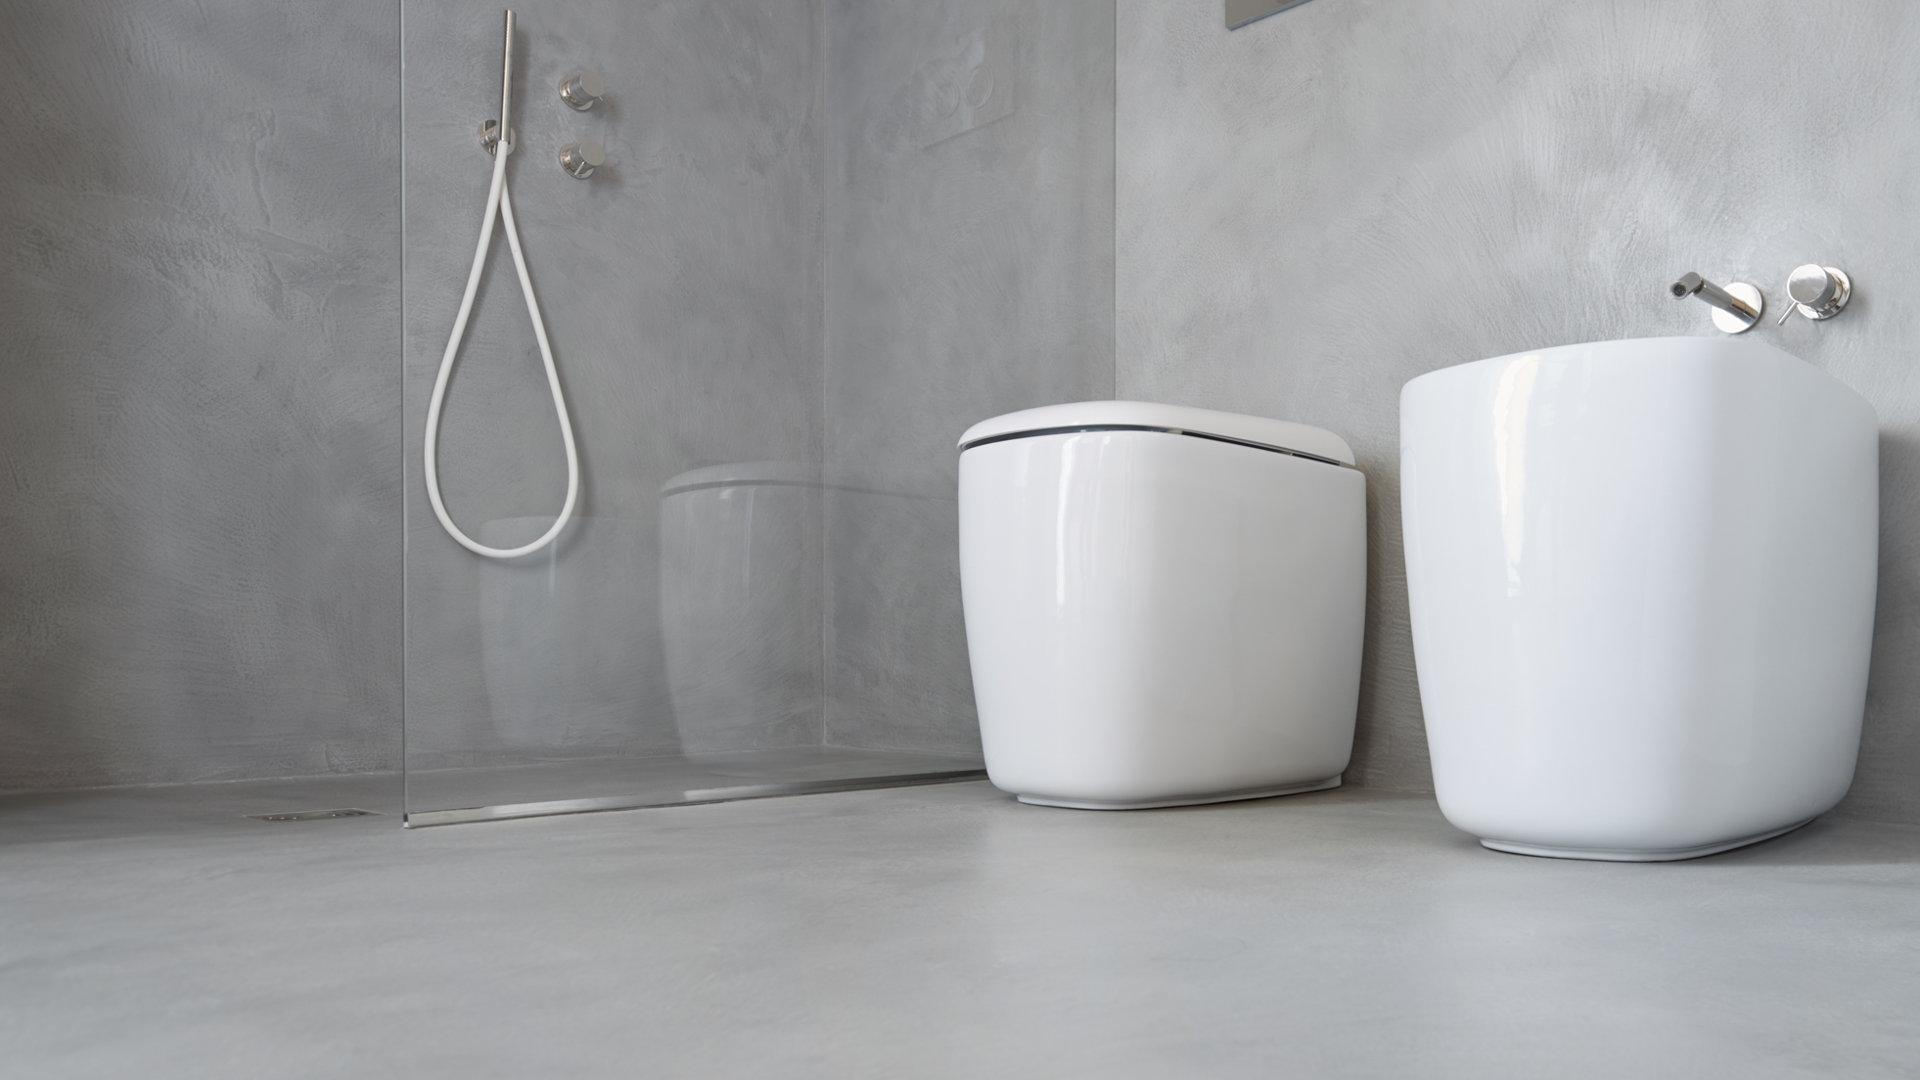 Idee per la ristrutturazione del bagno: pavimenti e rivestimenti moderni